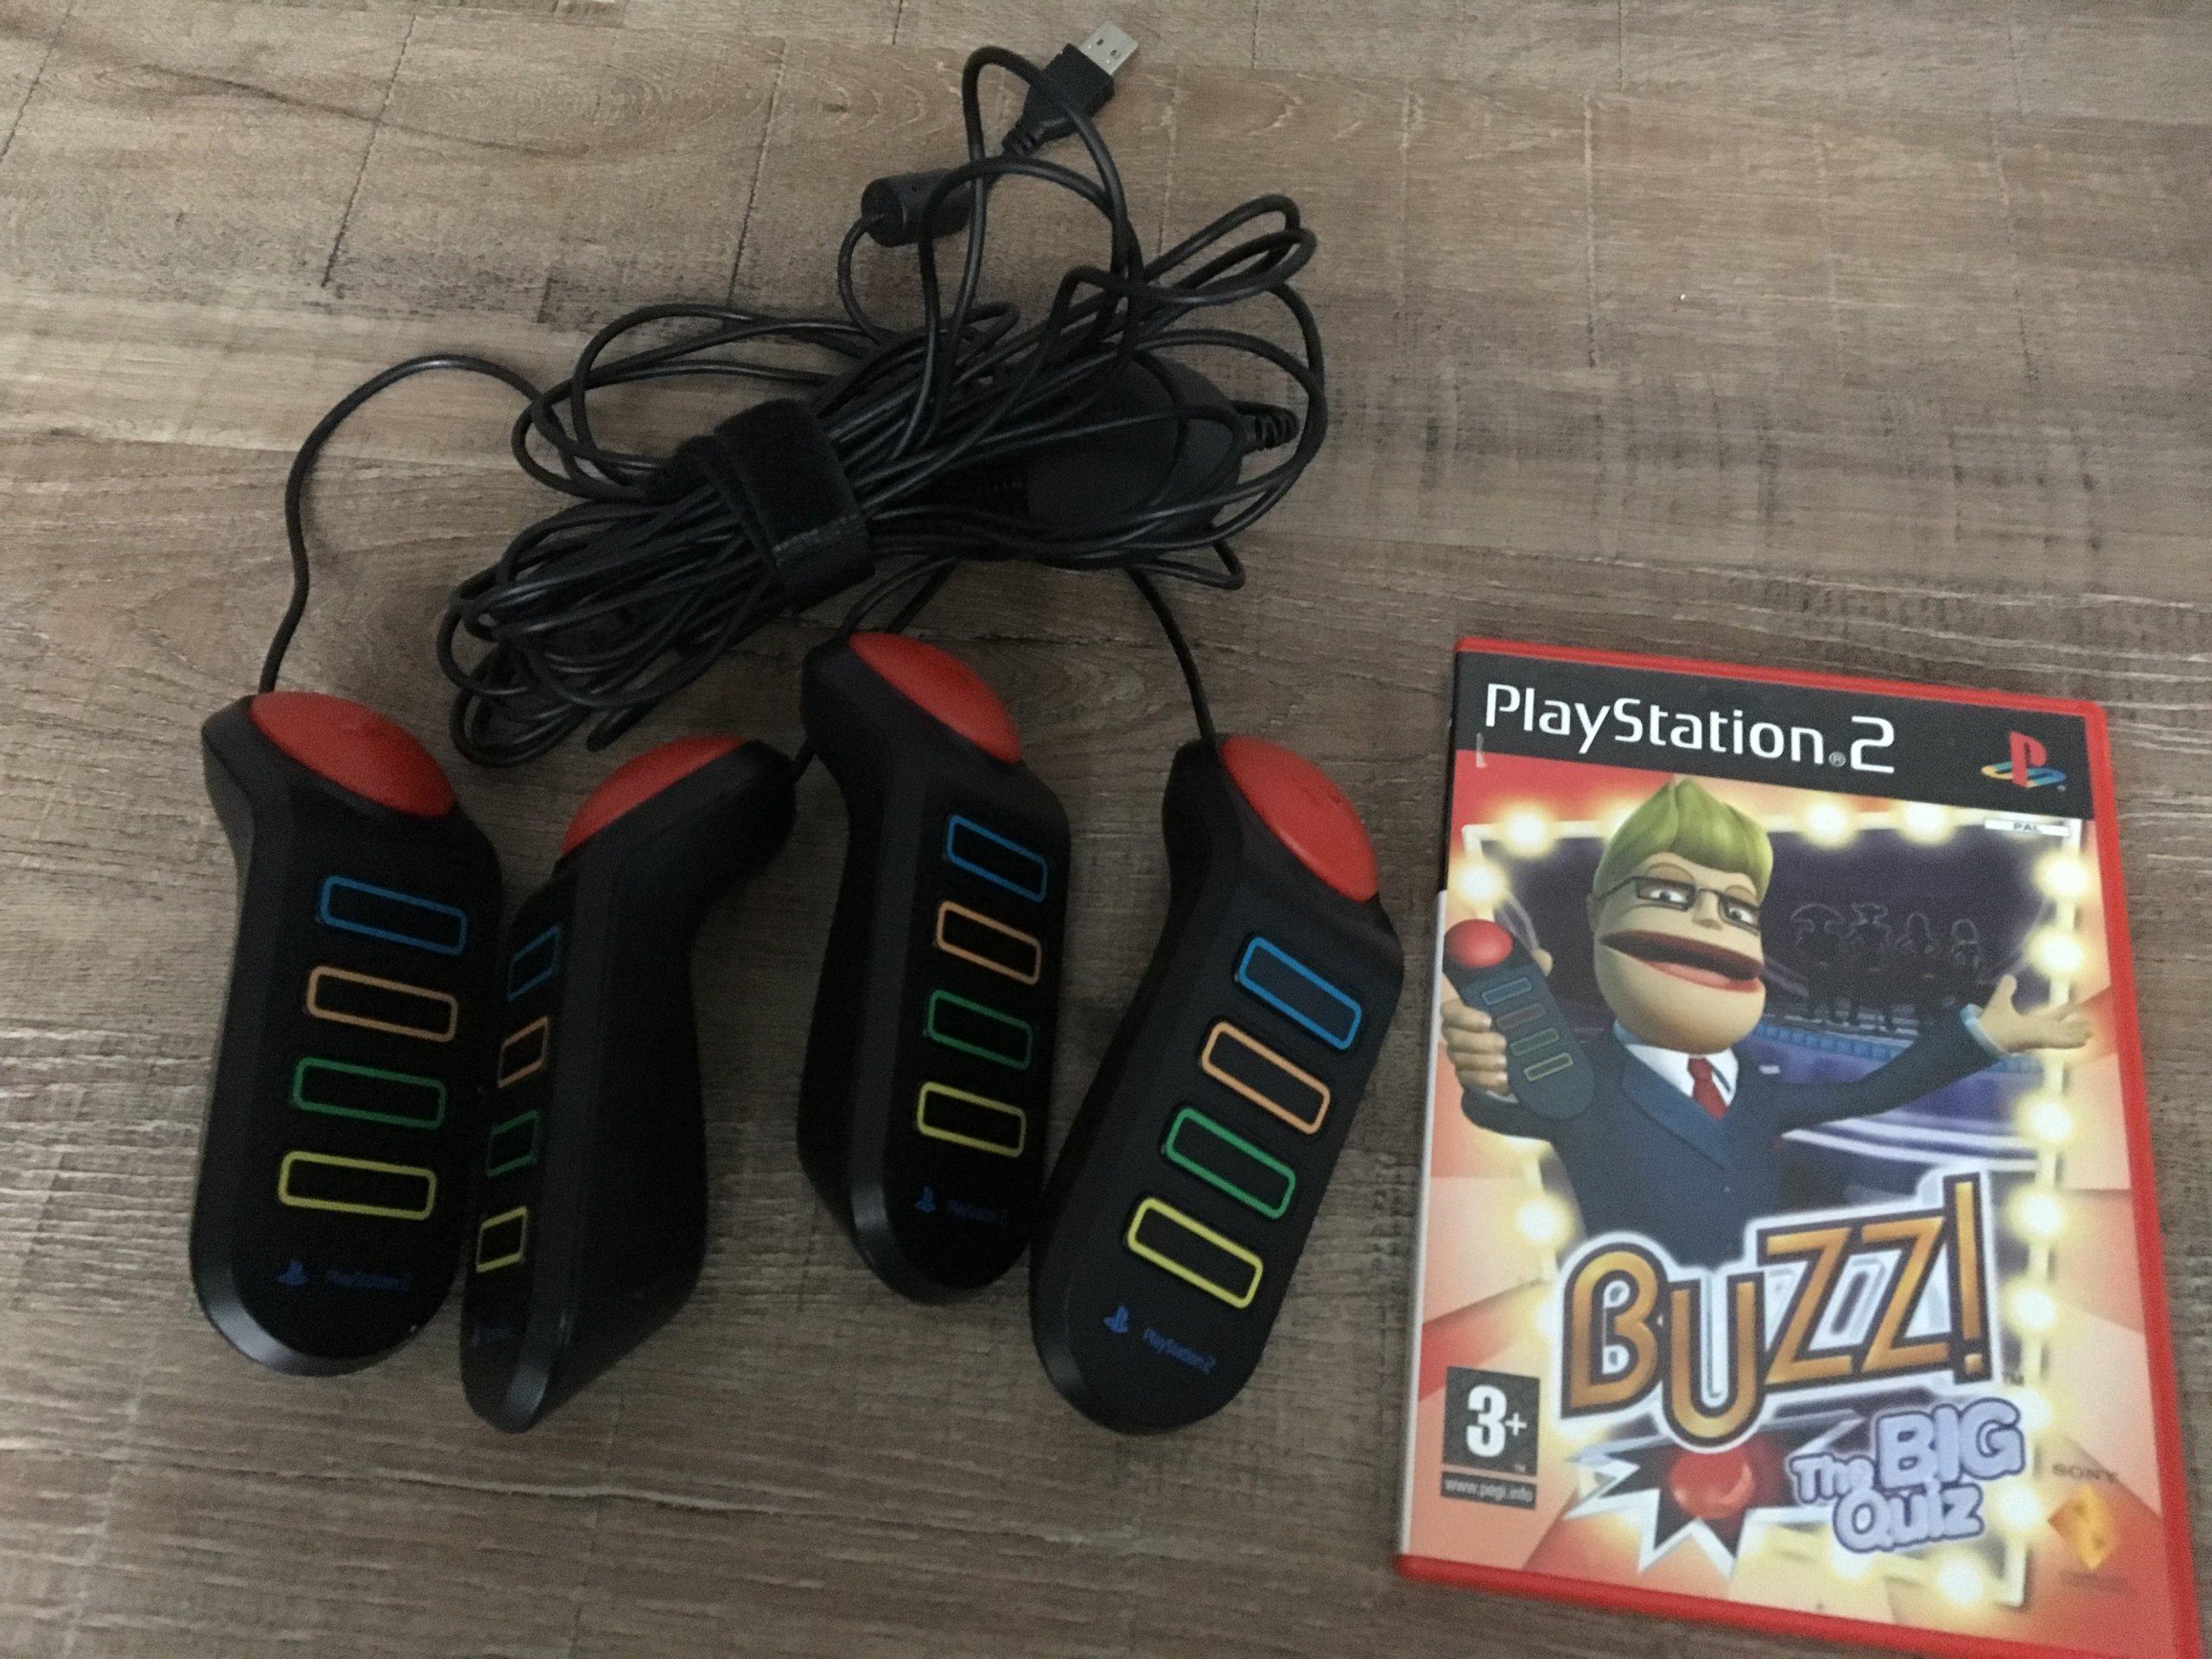 Buzzery PS2 + Big Quiz - oryginalne w pełni sprawn